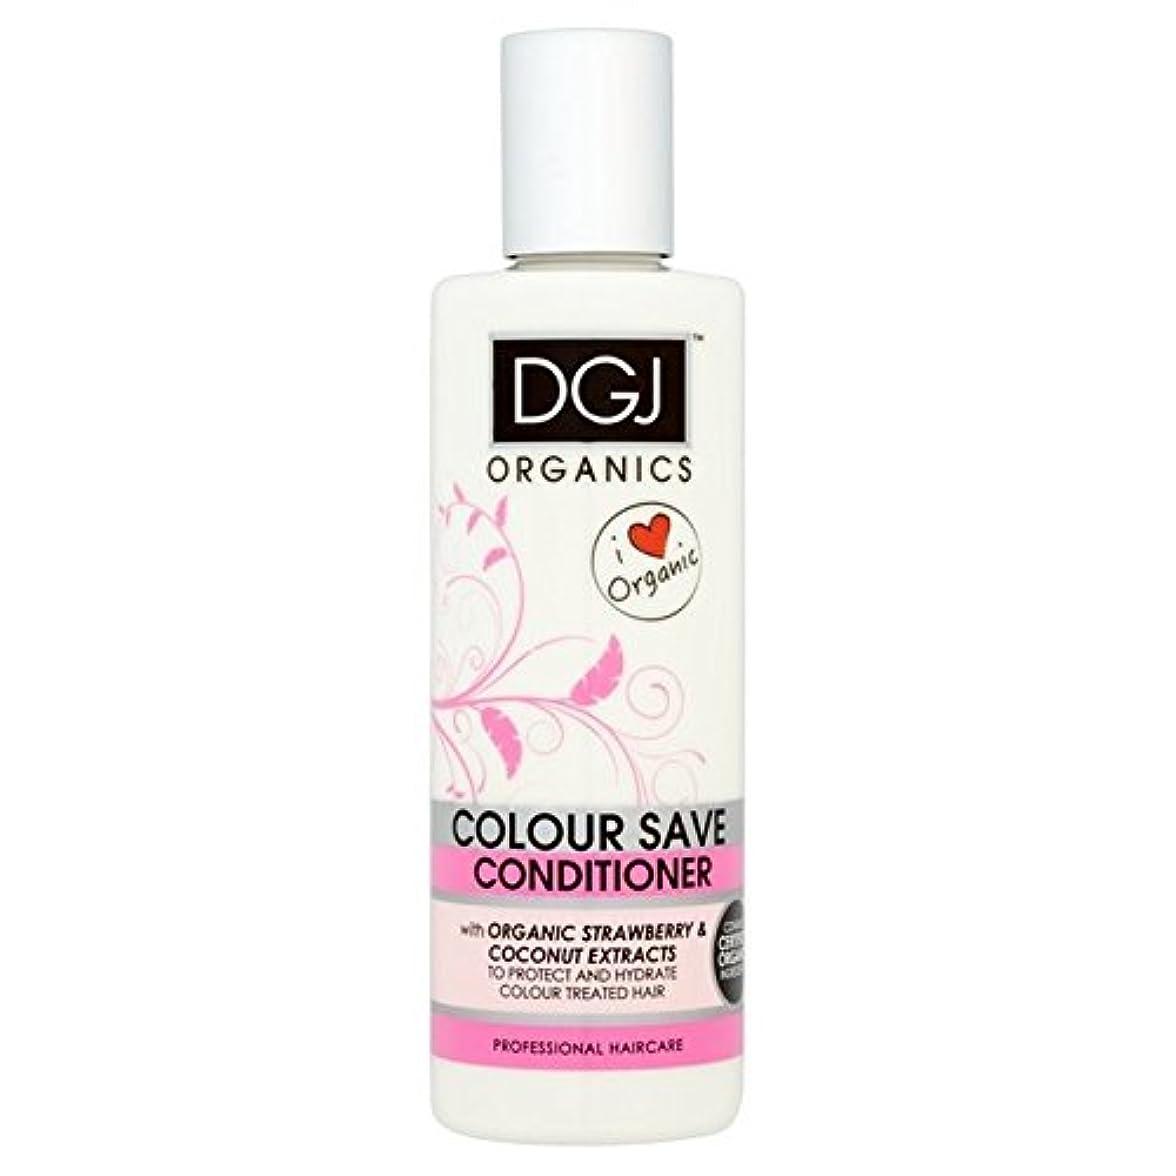 許容できるパーティー無限大DGJ Organics Colour Save Conditioner 250ml - 有機物の色コンディショナー250を保存 [並行輸入品]